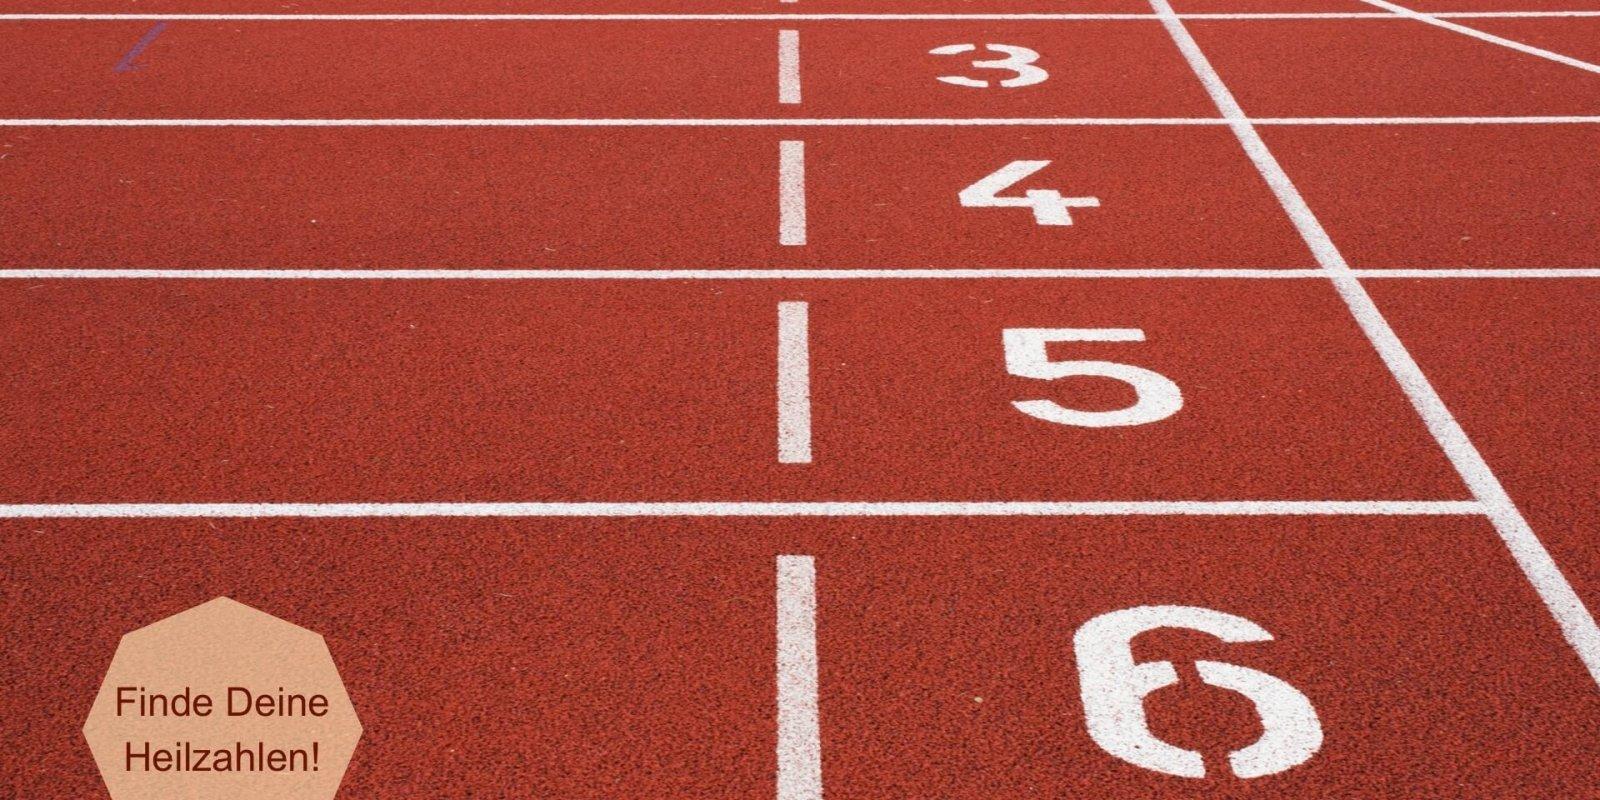 Numerologie: Deine persönlichen Heilzahlen finden, integrieren und durchstarten